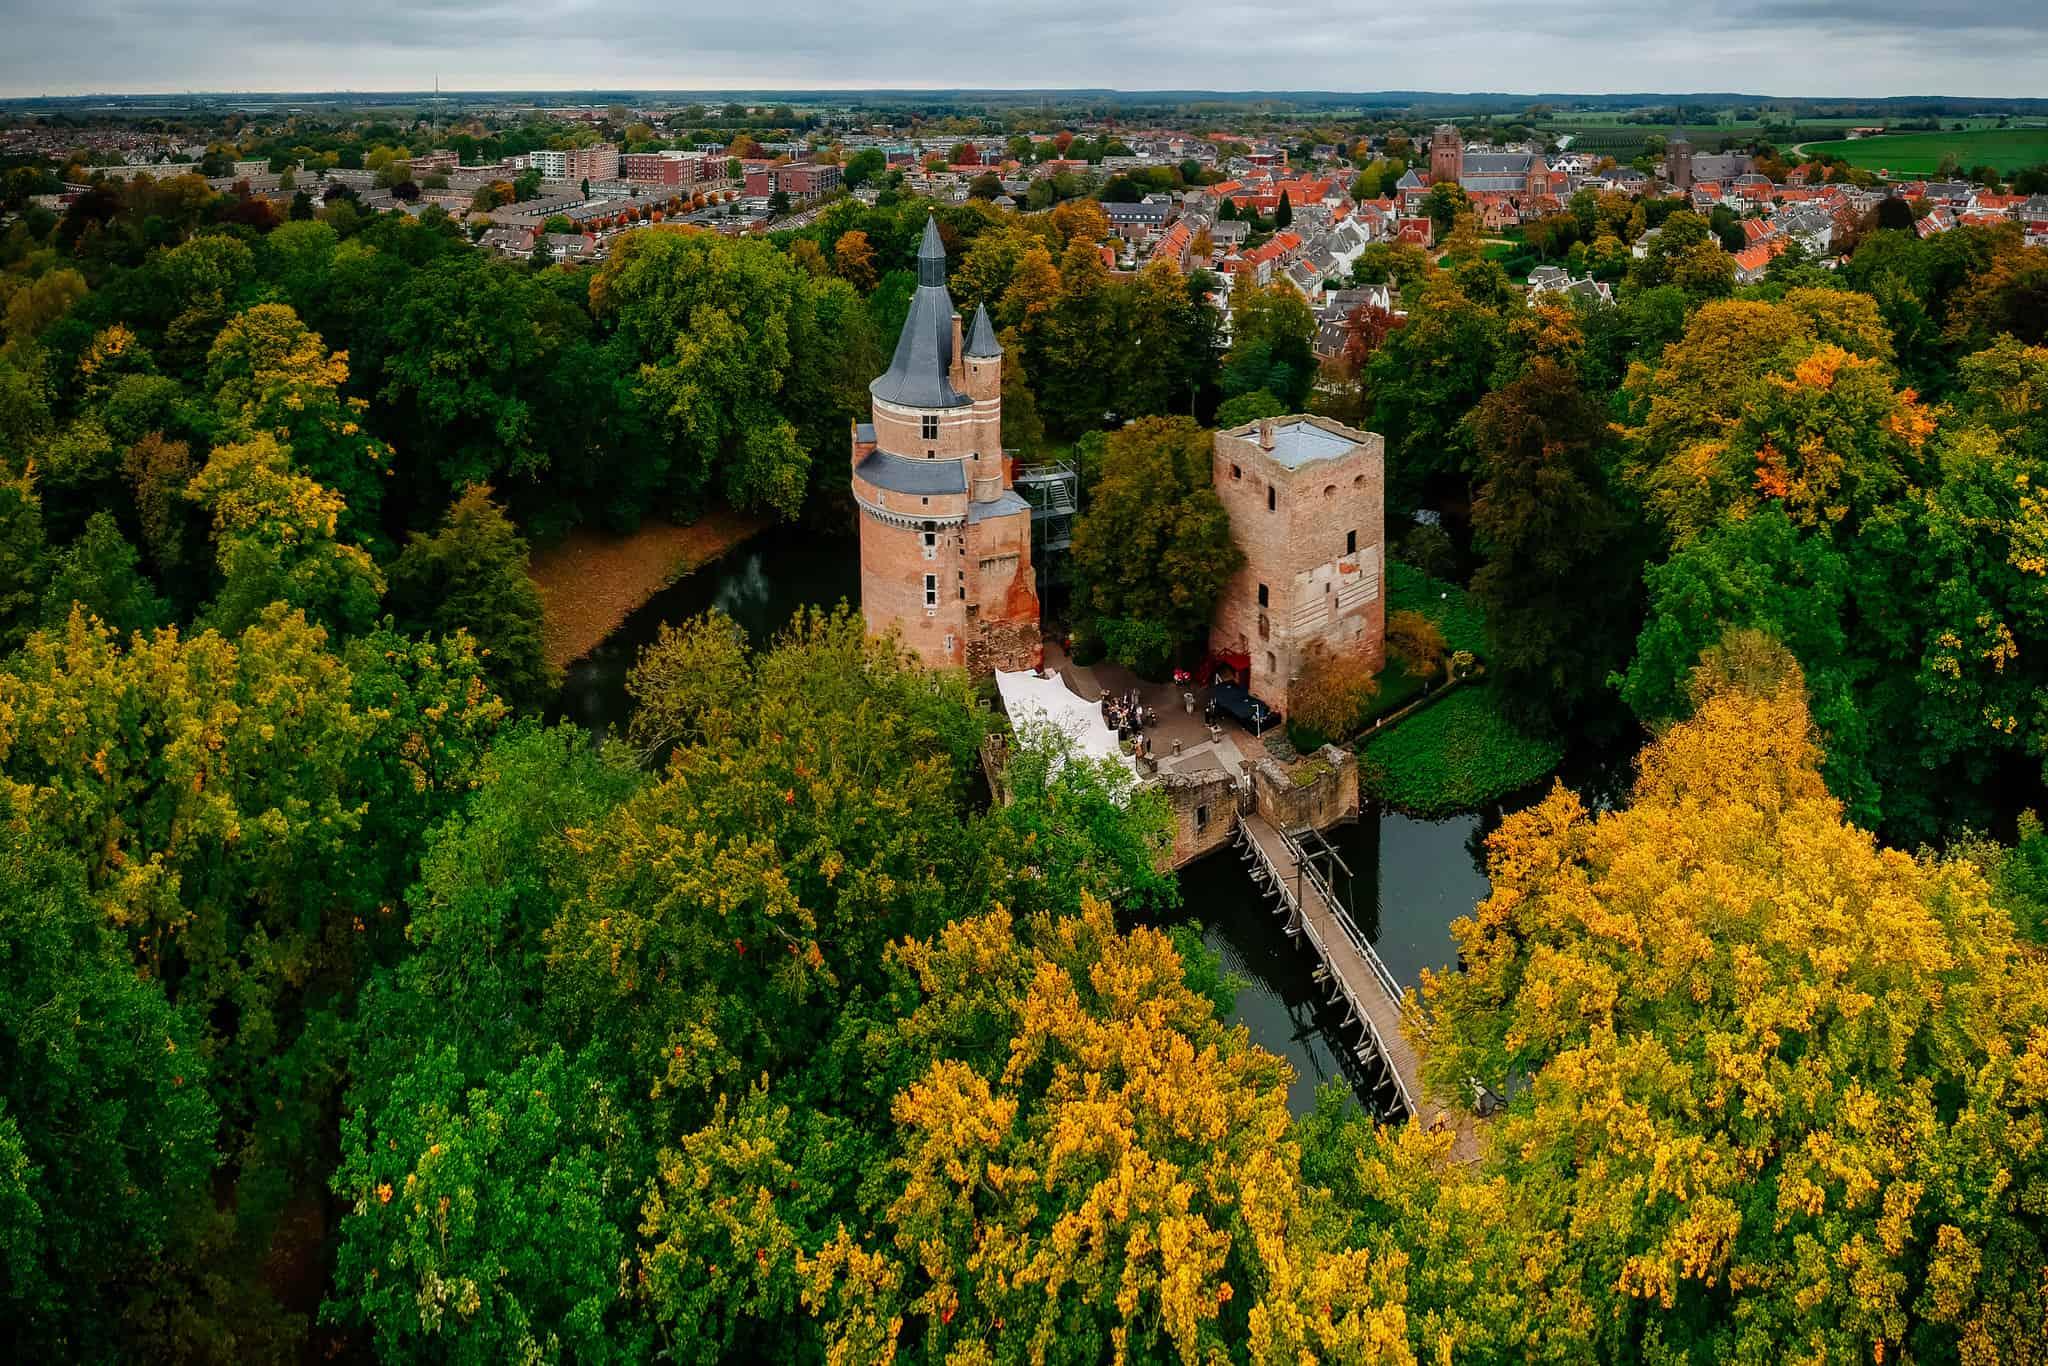 Een kasteel vanuit de lucht tussen de bomen gefotografeerd in Wijk bij Duurstede, een van de mooiste Nederlandse dorpjes.